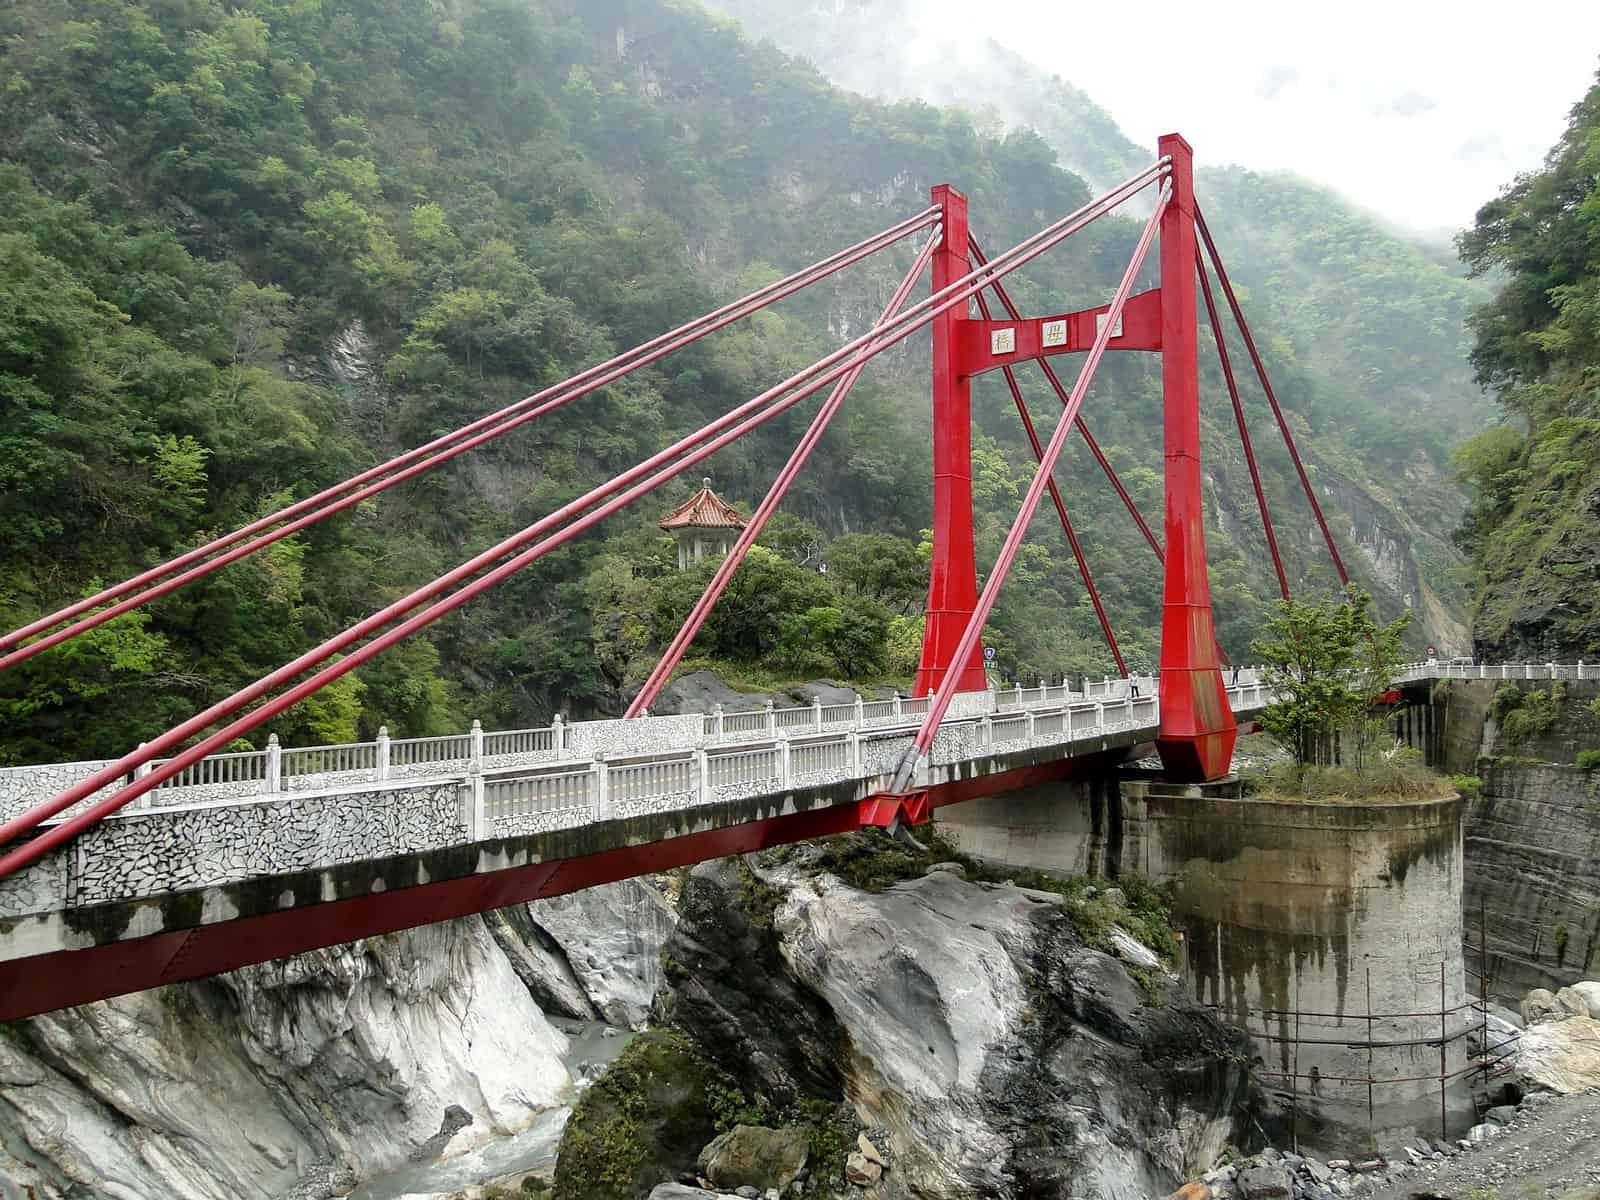 Suspension Bridge at Taroko National Park in Taiwan